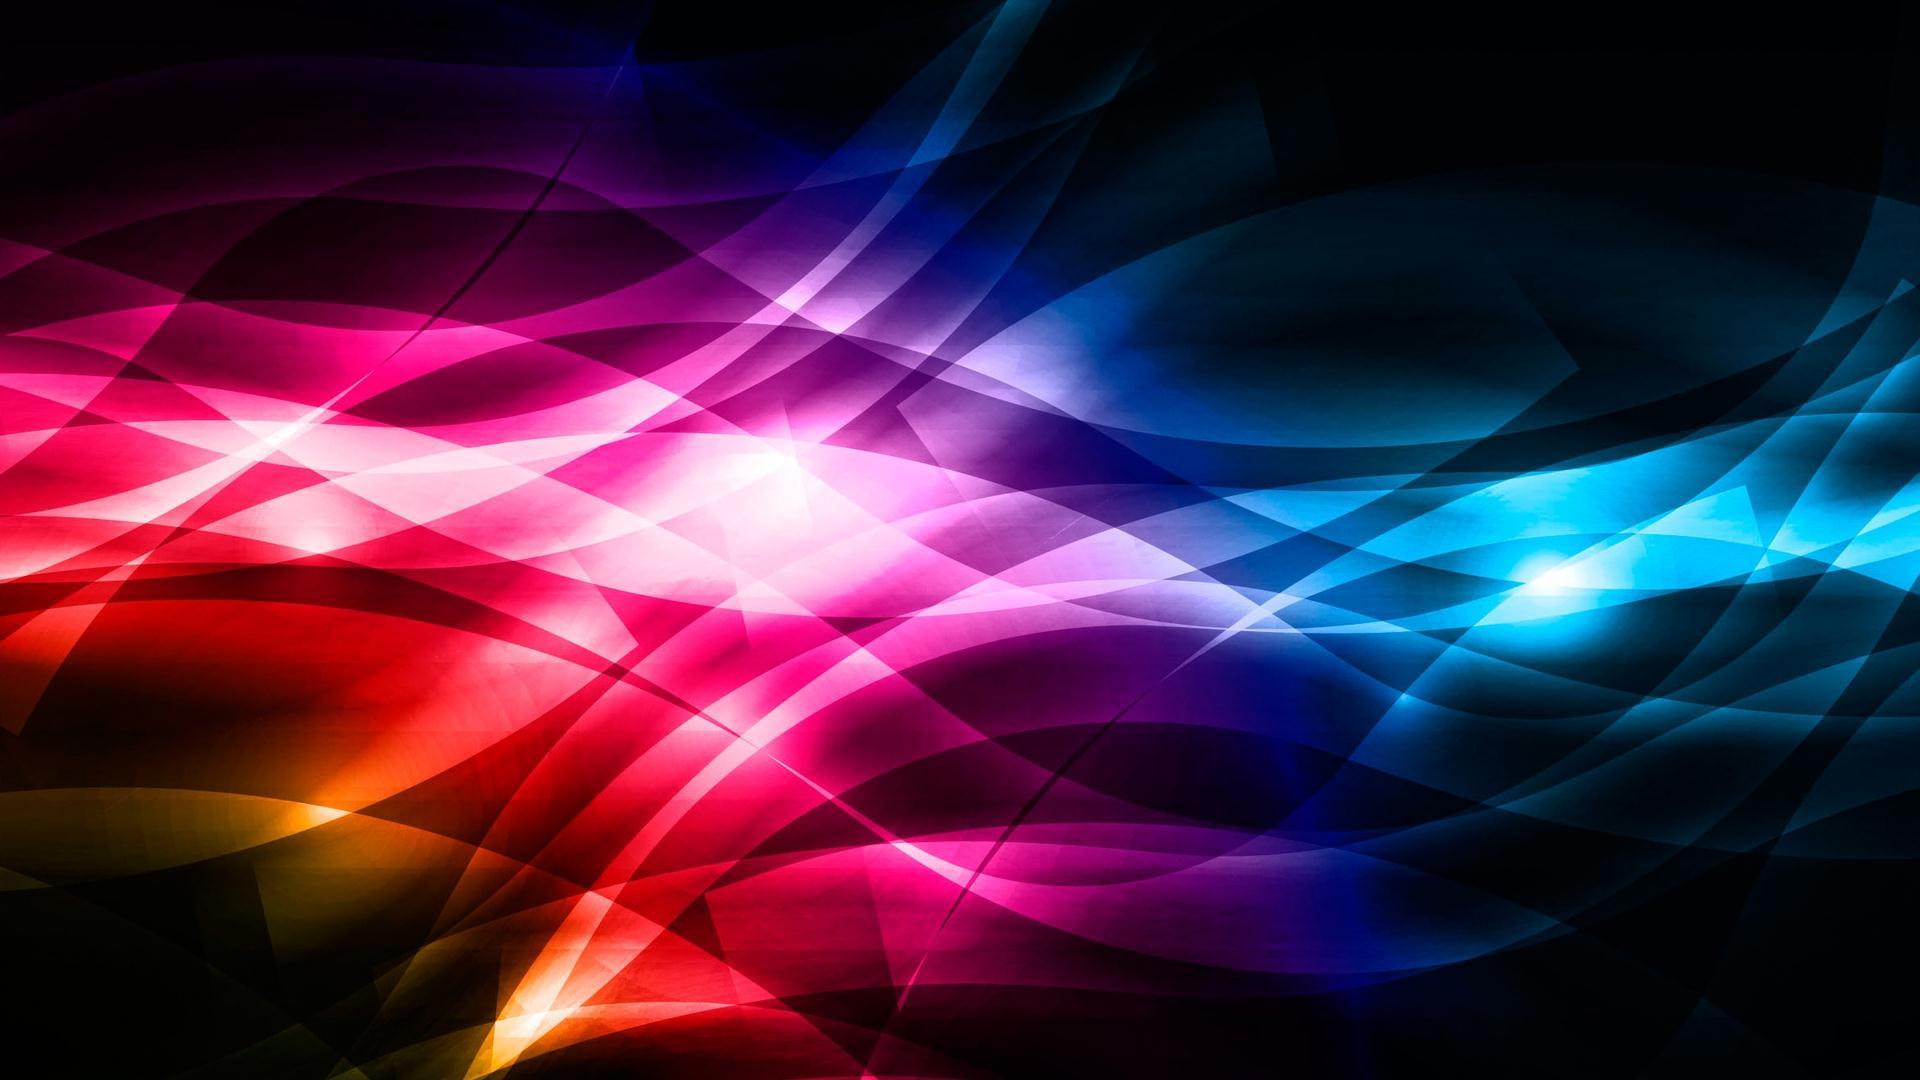 Colorful Graphic Design HD Wallpaper HD Wallpaper 1920x1080